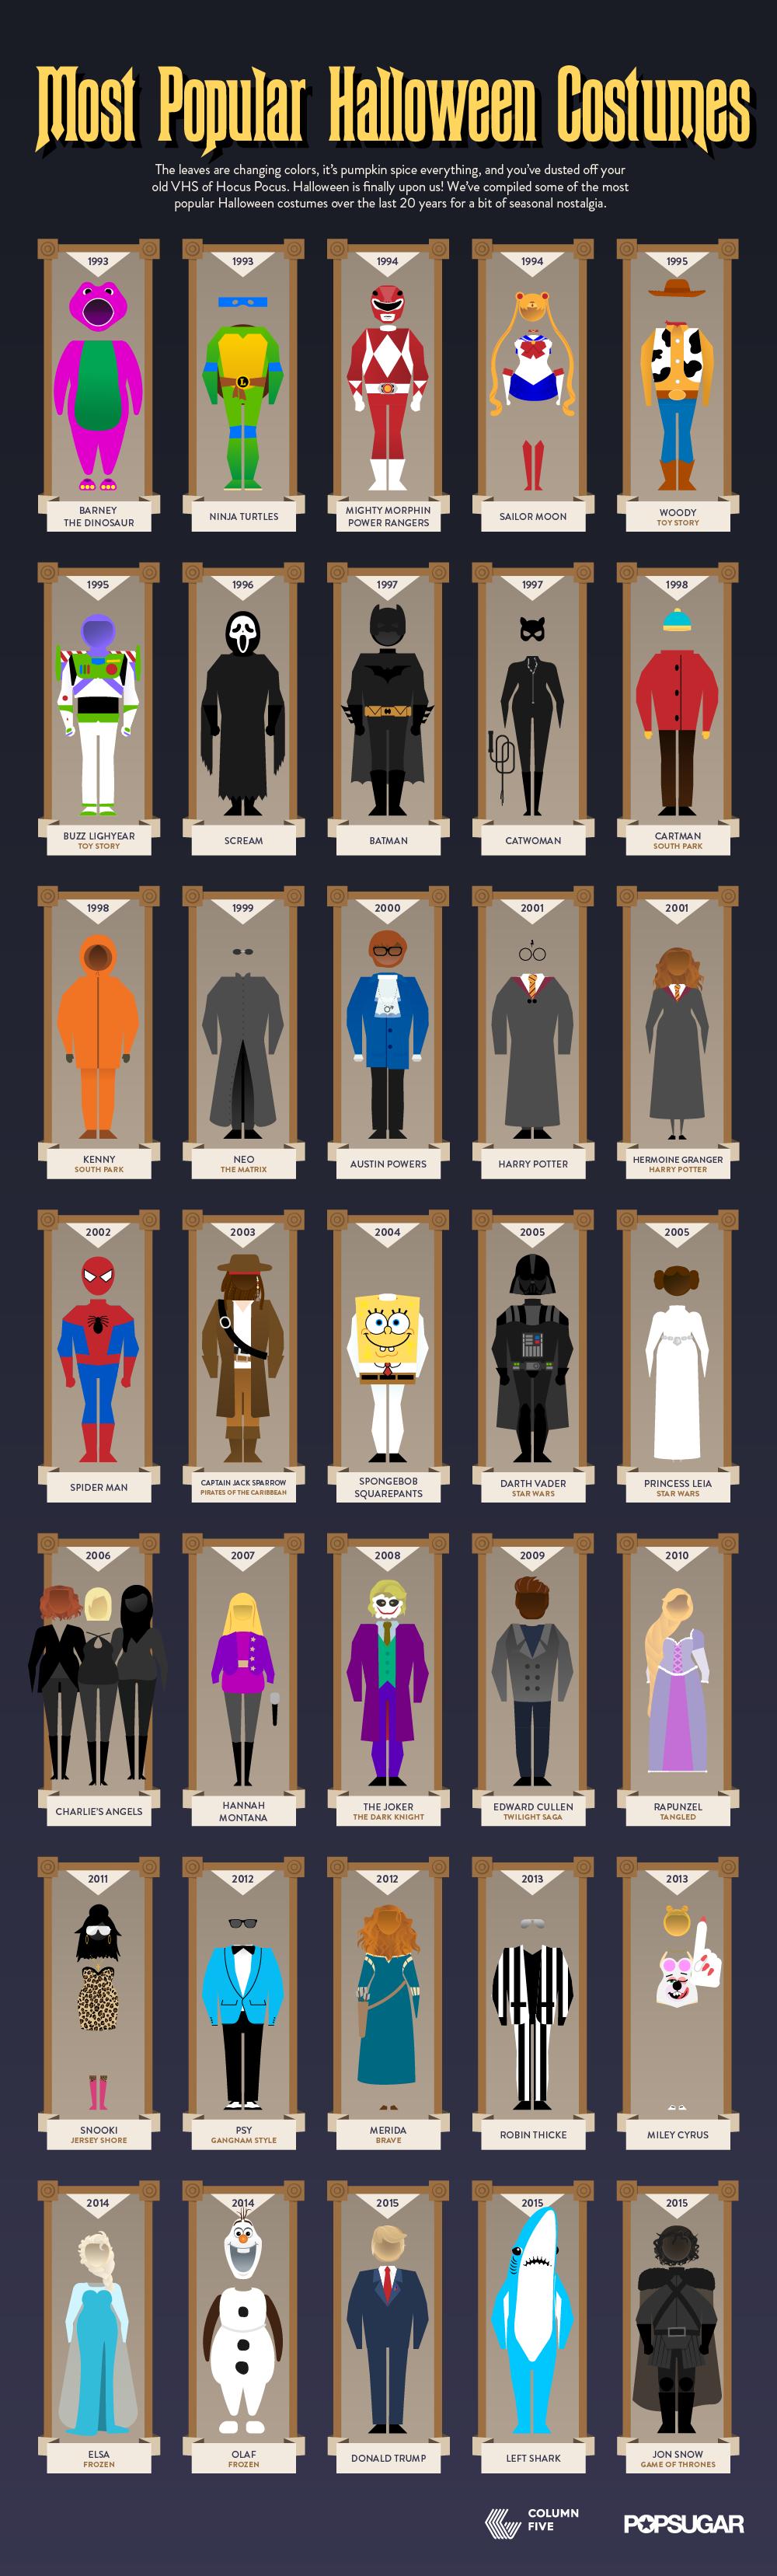 Halloween-Costume-Infographic